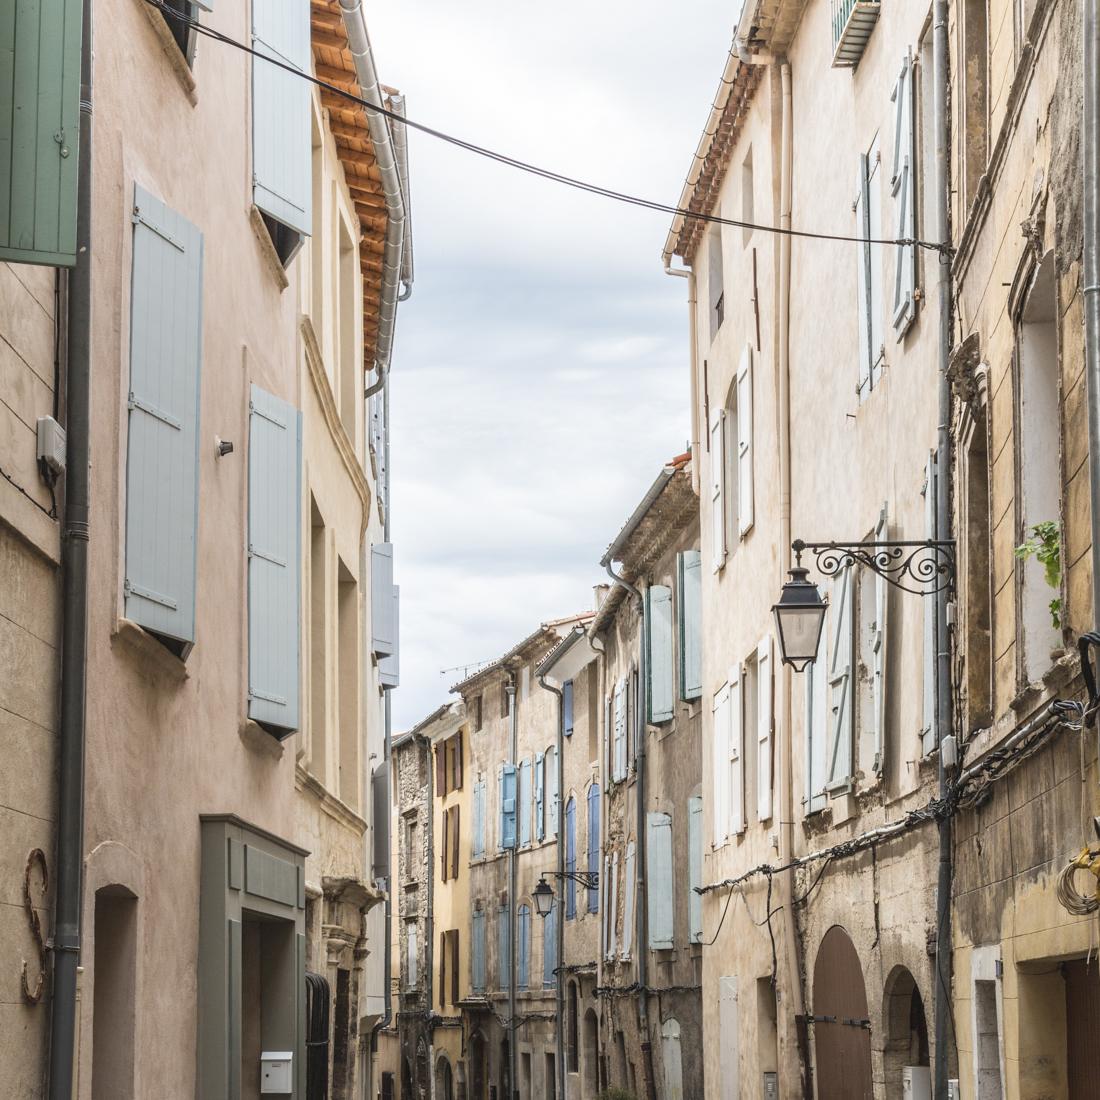 VP_loccitane_en_provence_terre_de_lumiere_hotel_couvent_des_minimes_copyright_PaulinePRIVEZ_paulinefashionblog_com-5